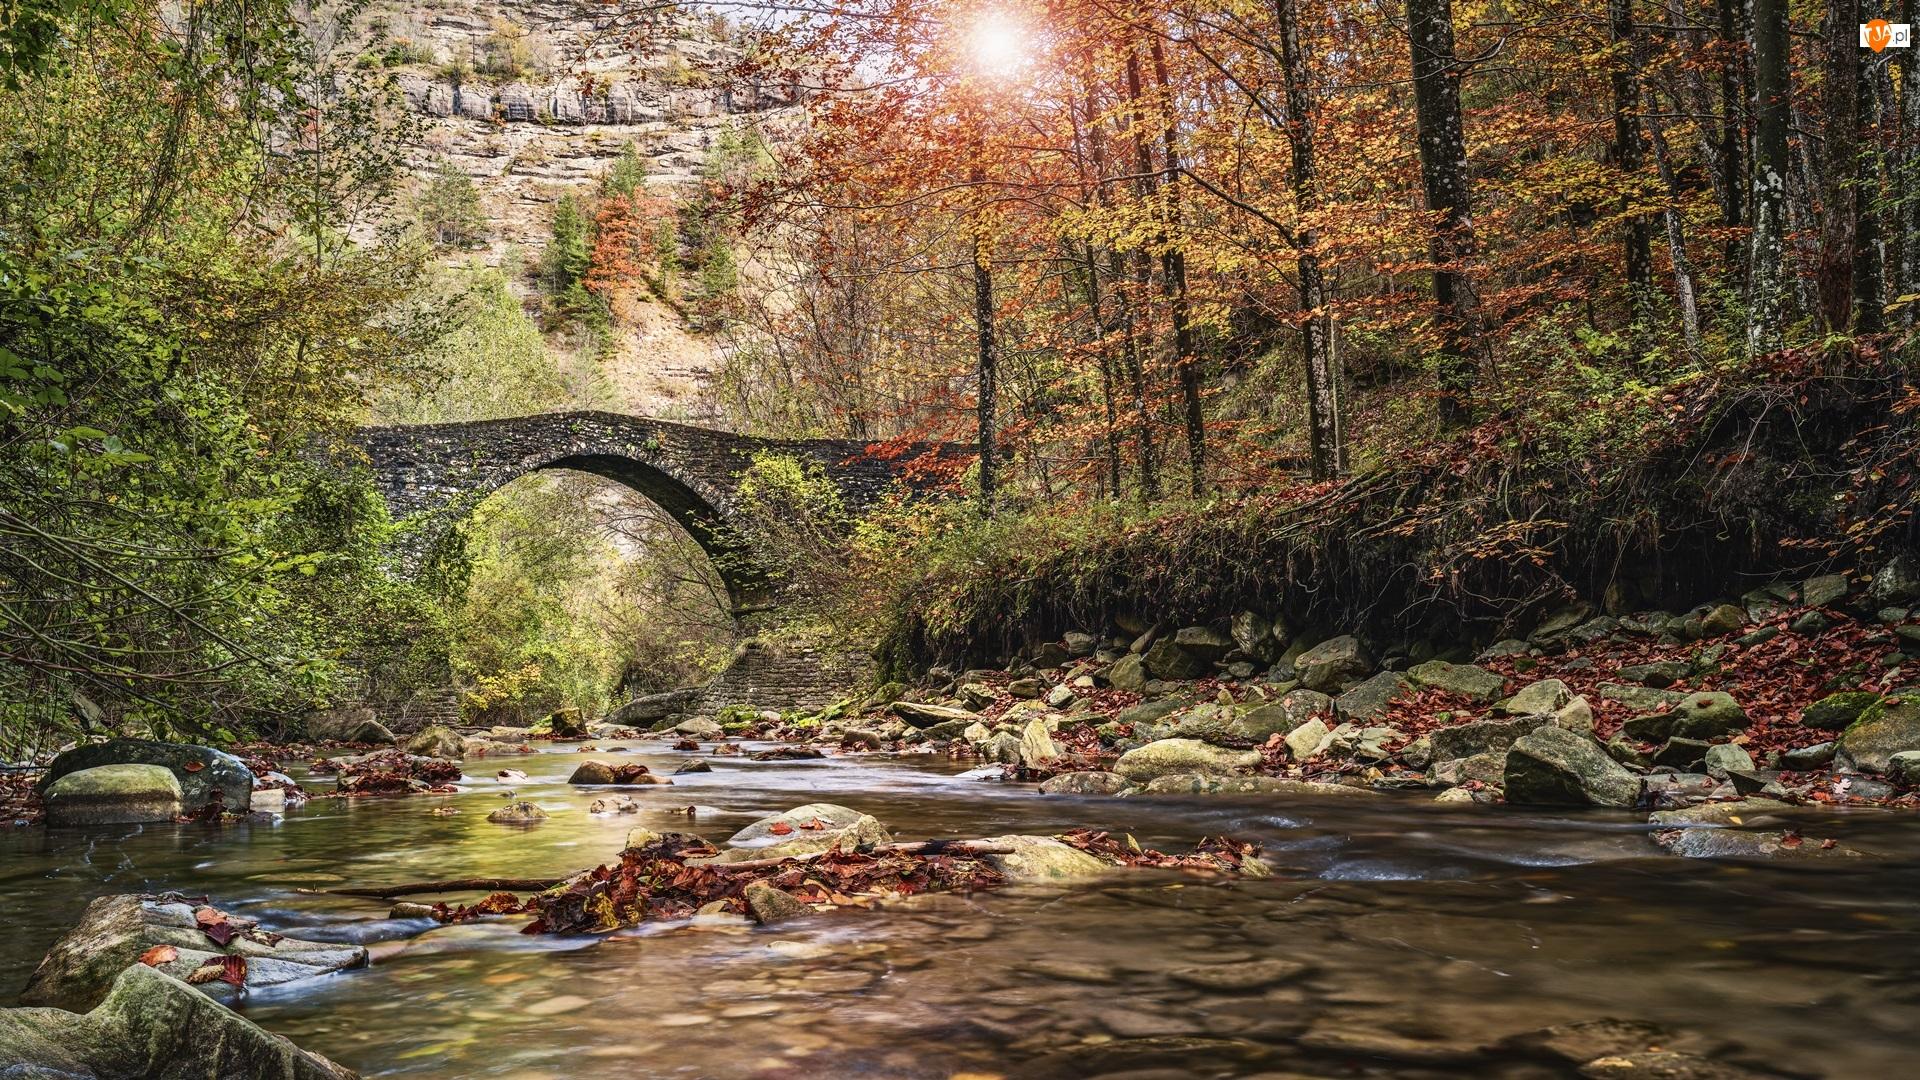 Kamienie, Most, Jesień, Rzeka, Liście, Las, Drzewa